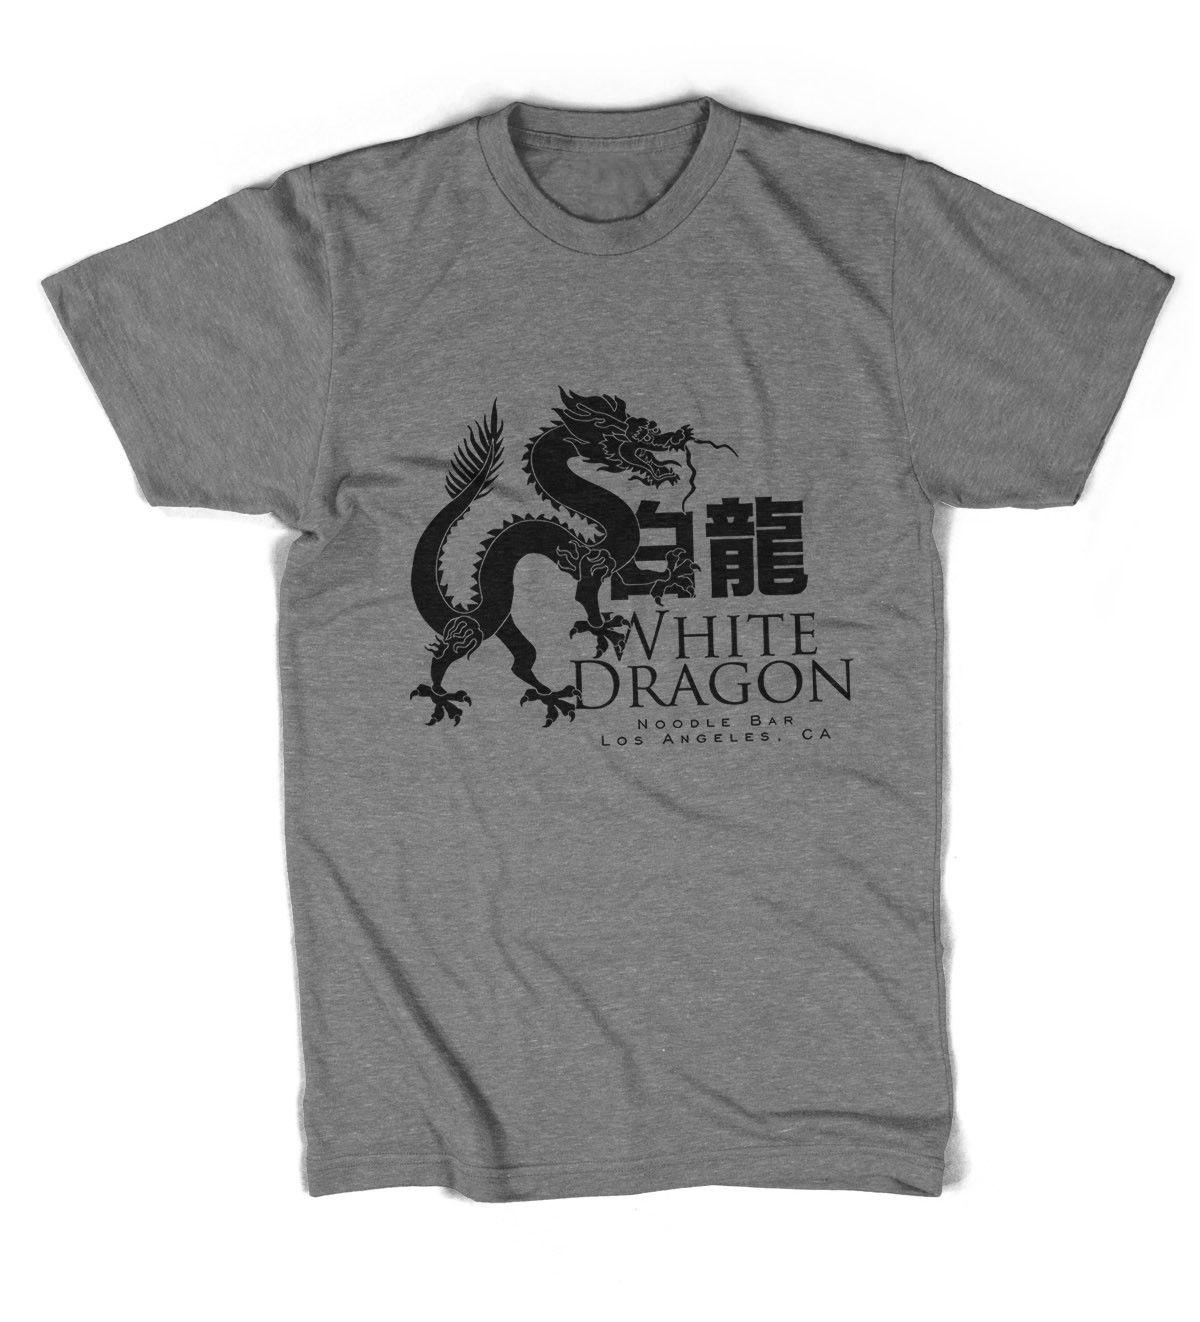 Blanco Dragon Fideo Barra BLADE RUNNER Unisex Camiseta Todas las tallas colores